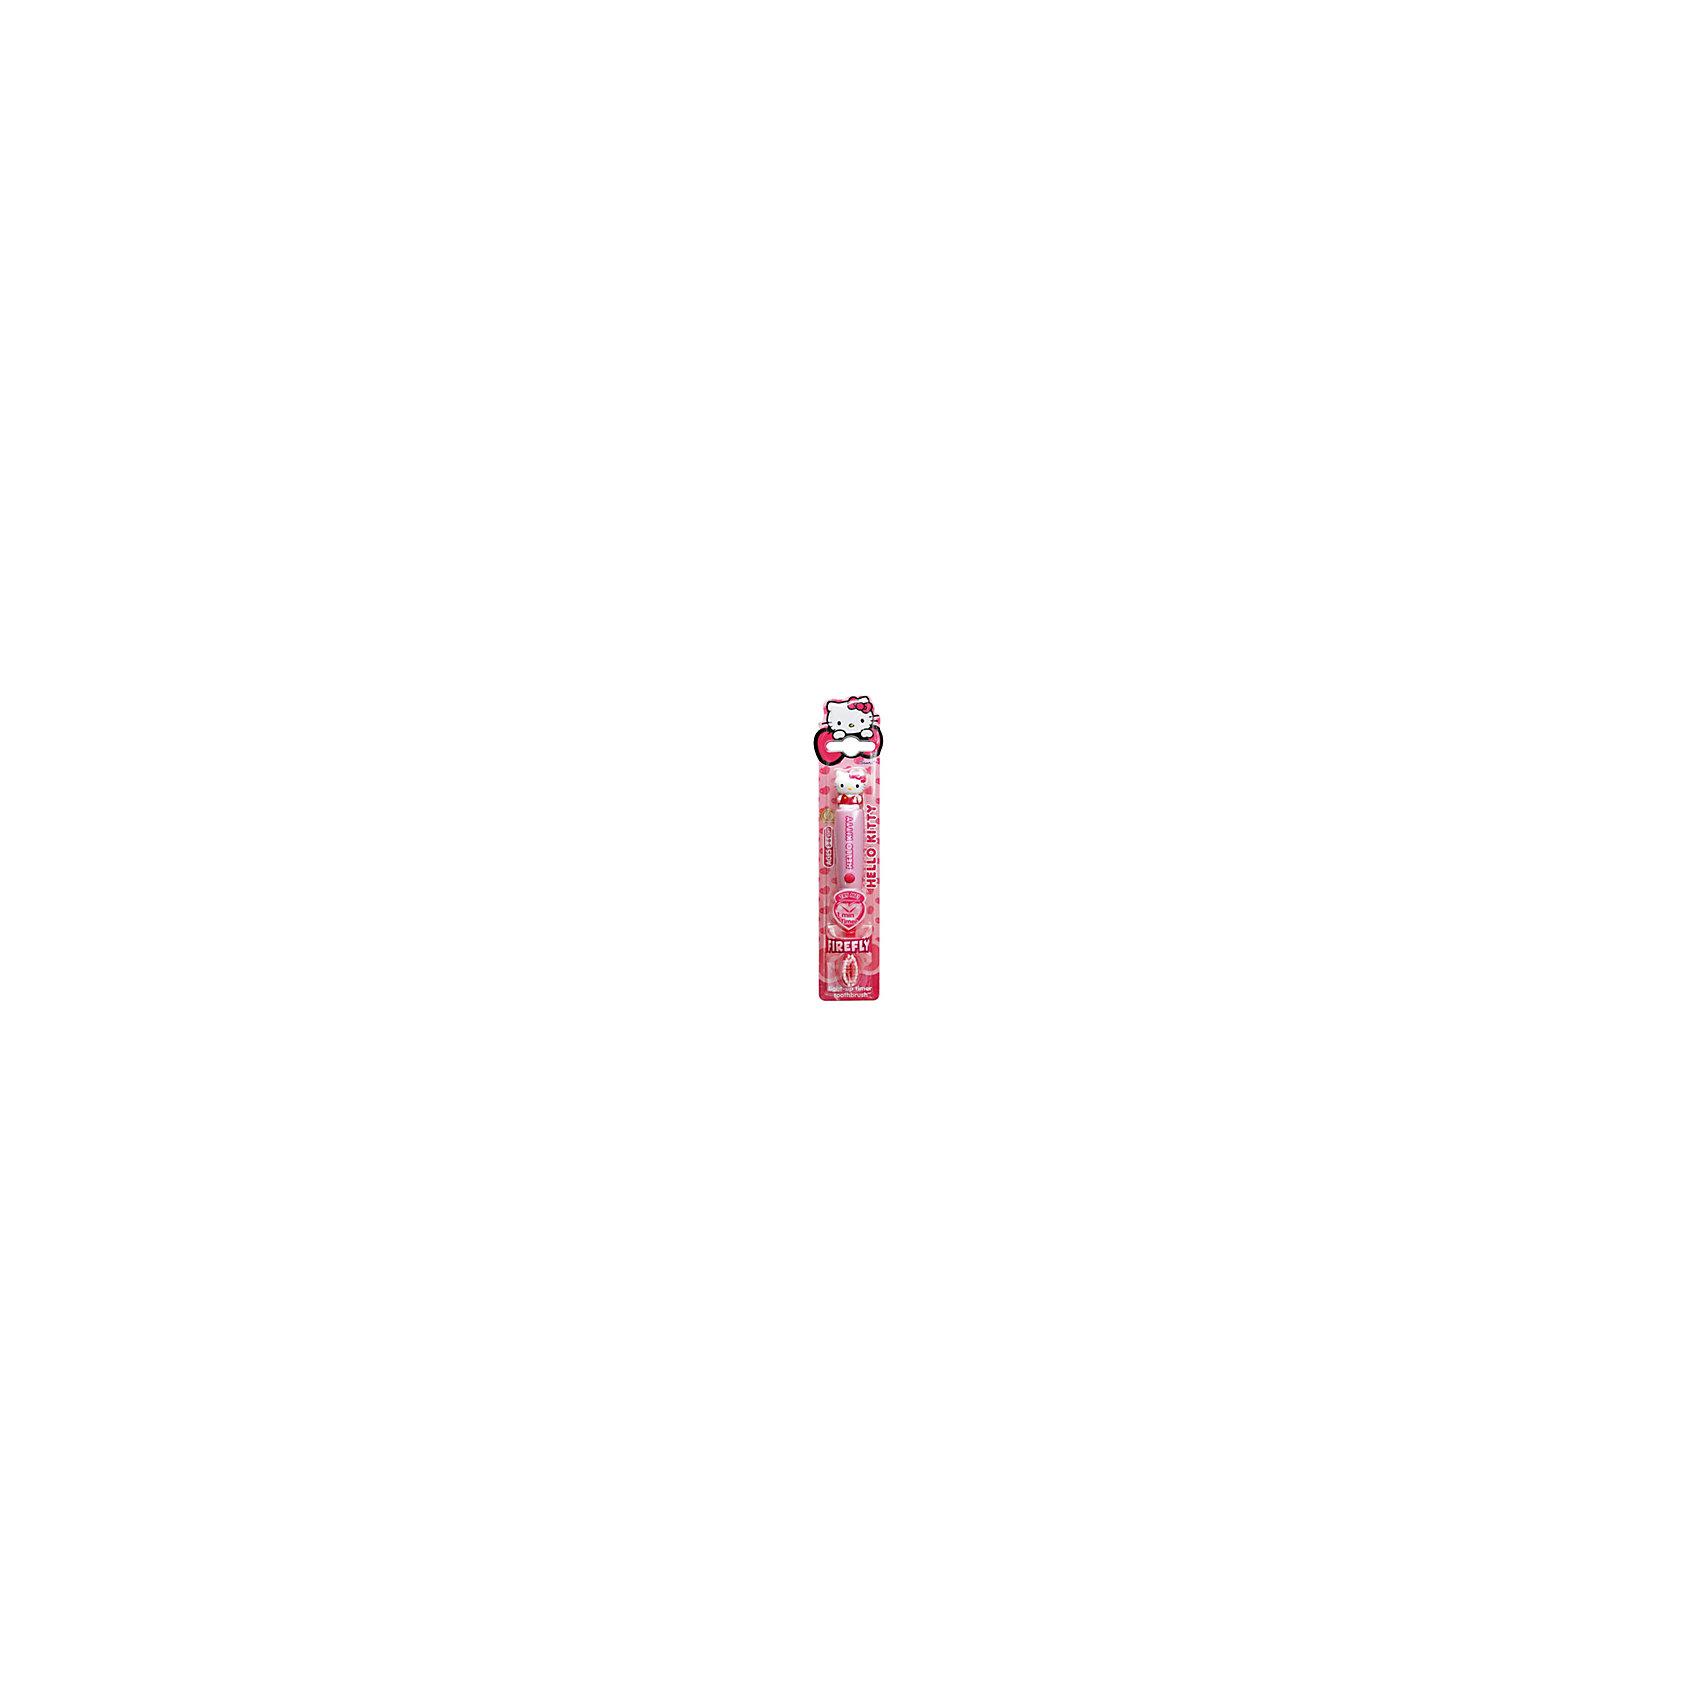 Зубная щетка Hello Kitty 3D с мигающим таймером, Firefly